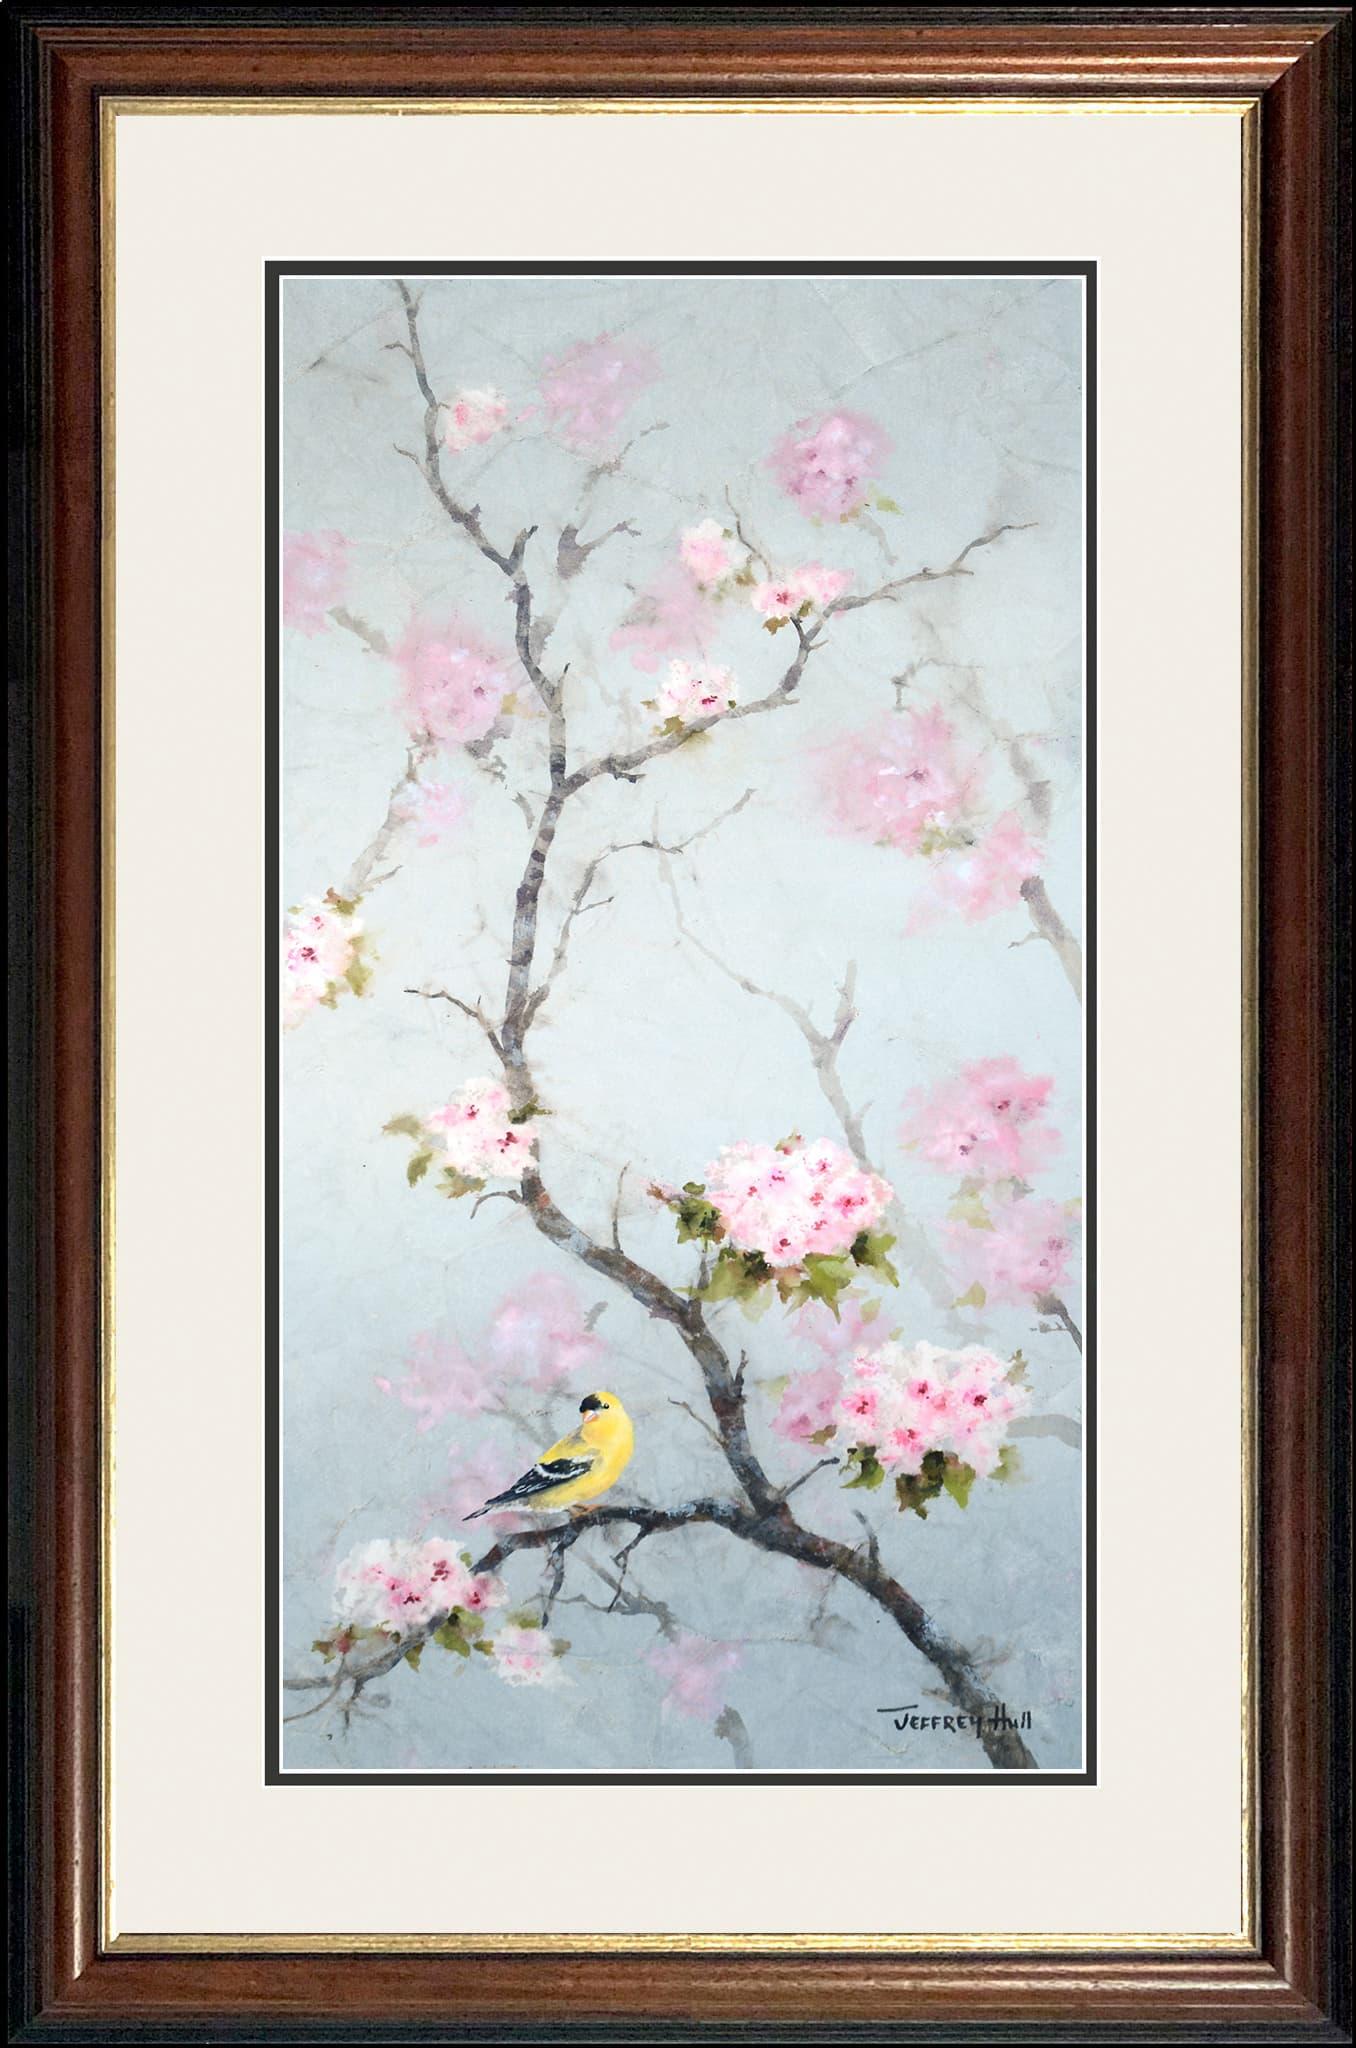 Goldfinch-_-Cherry-Blossoms-LimEd-Malabar-Talc-Dark-Shale-4-Website-2021